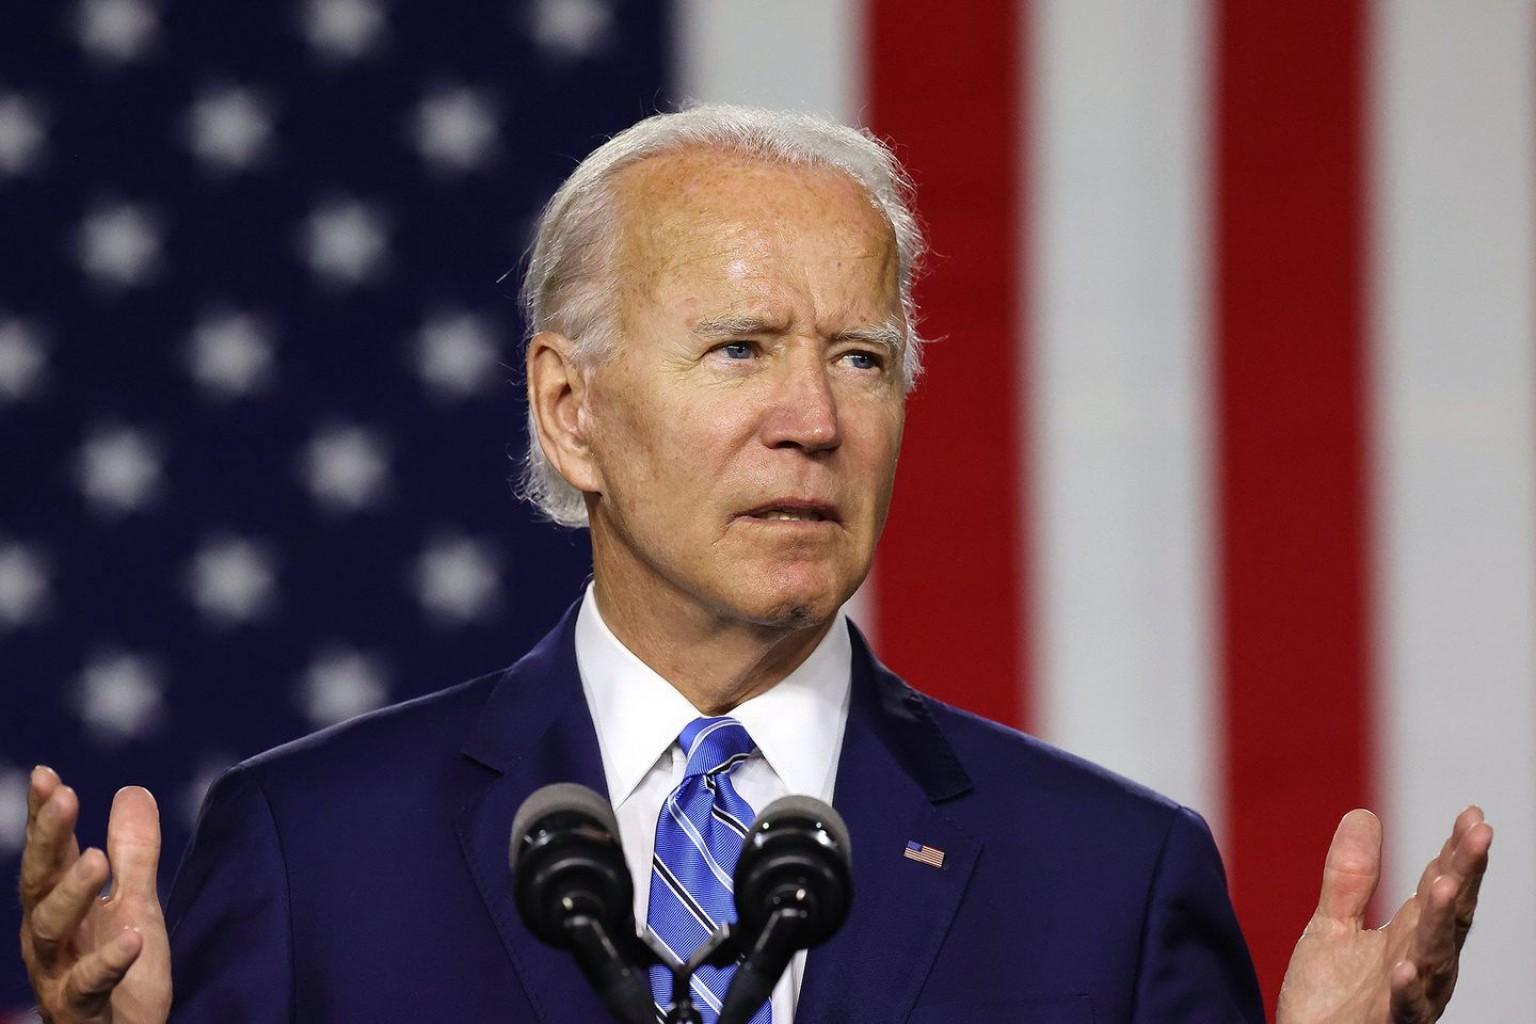 Biden recurre a historia para resaltar la urgencia de la campaña 2020